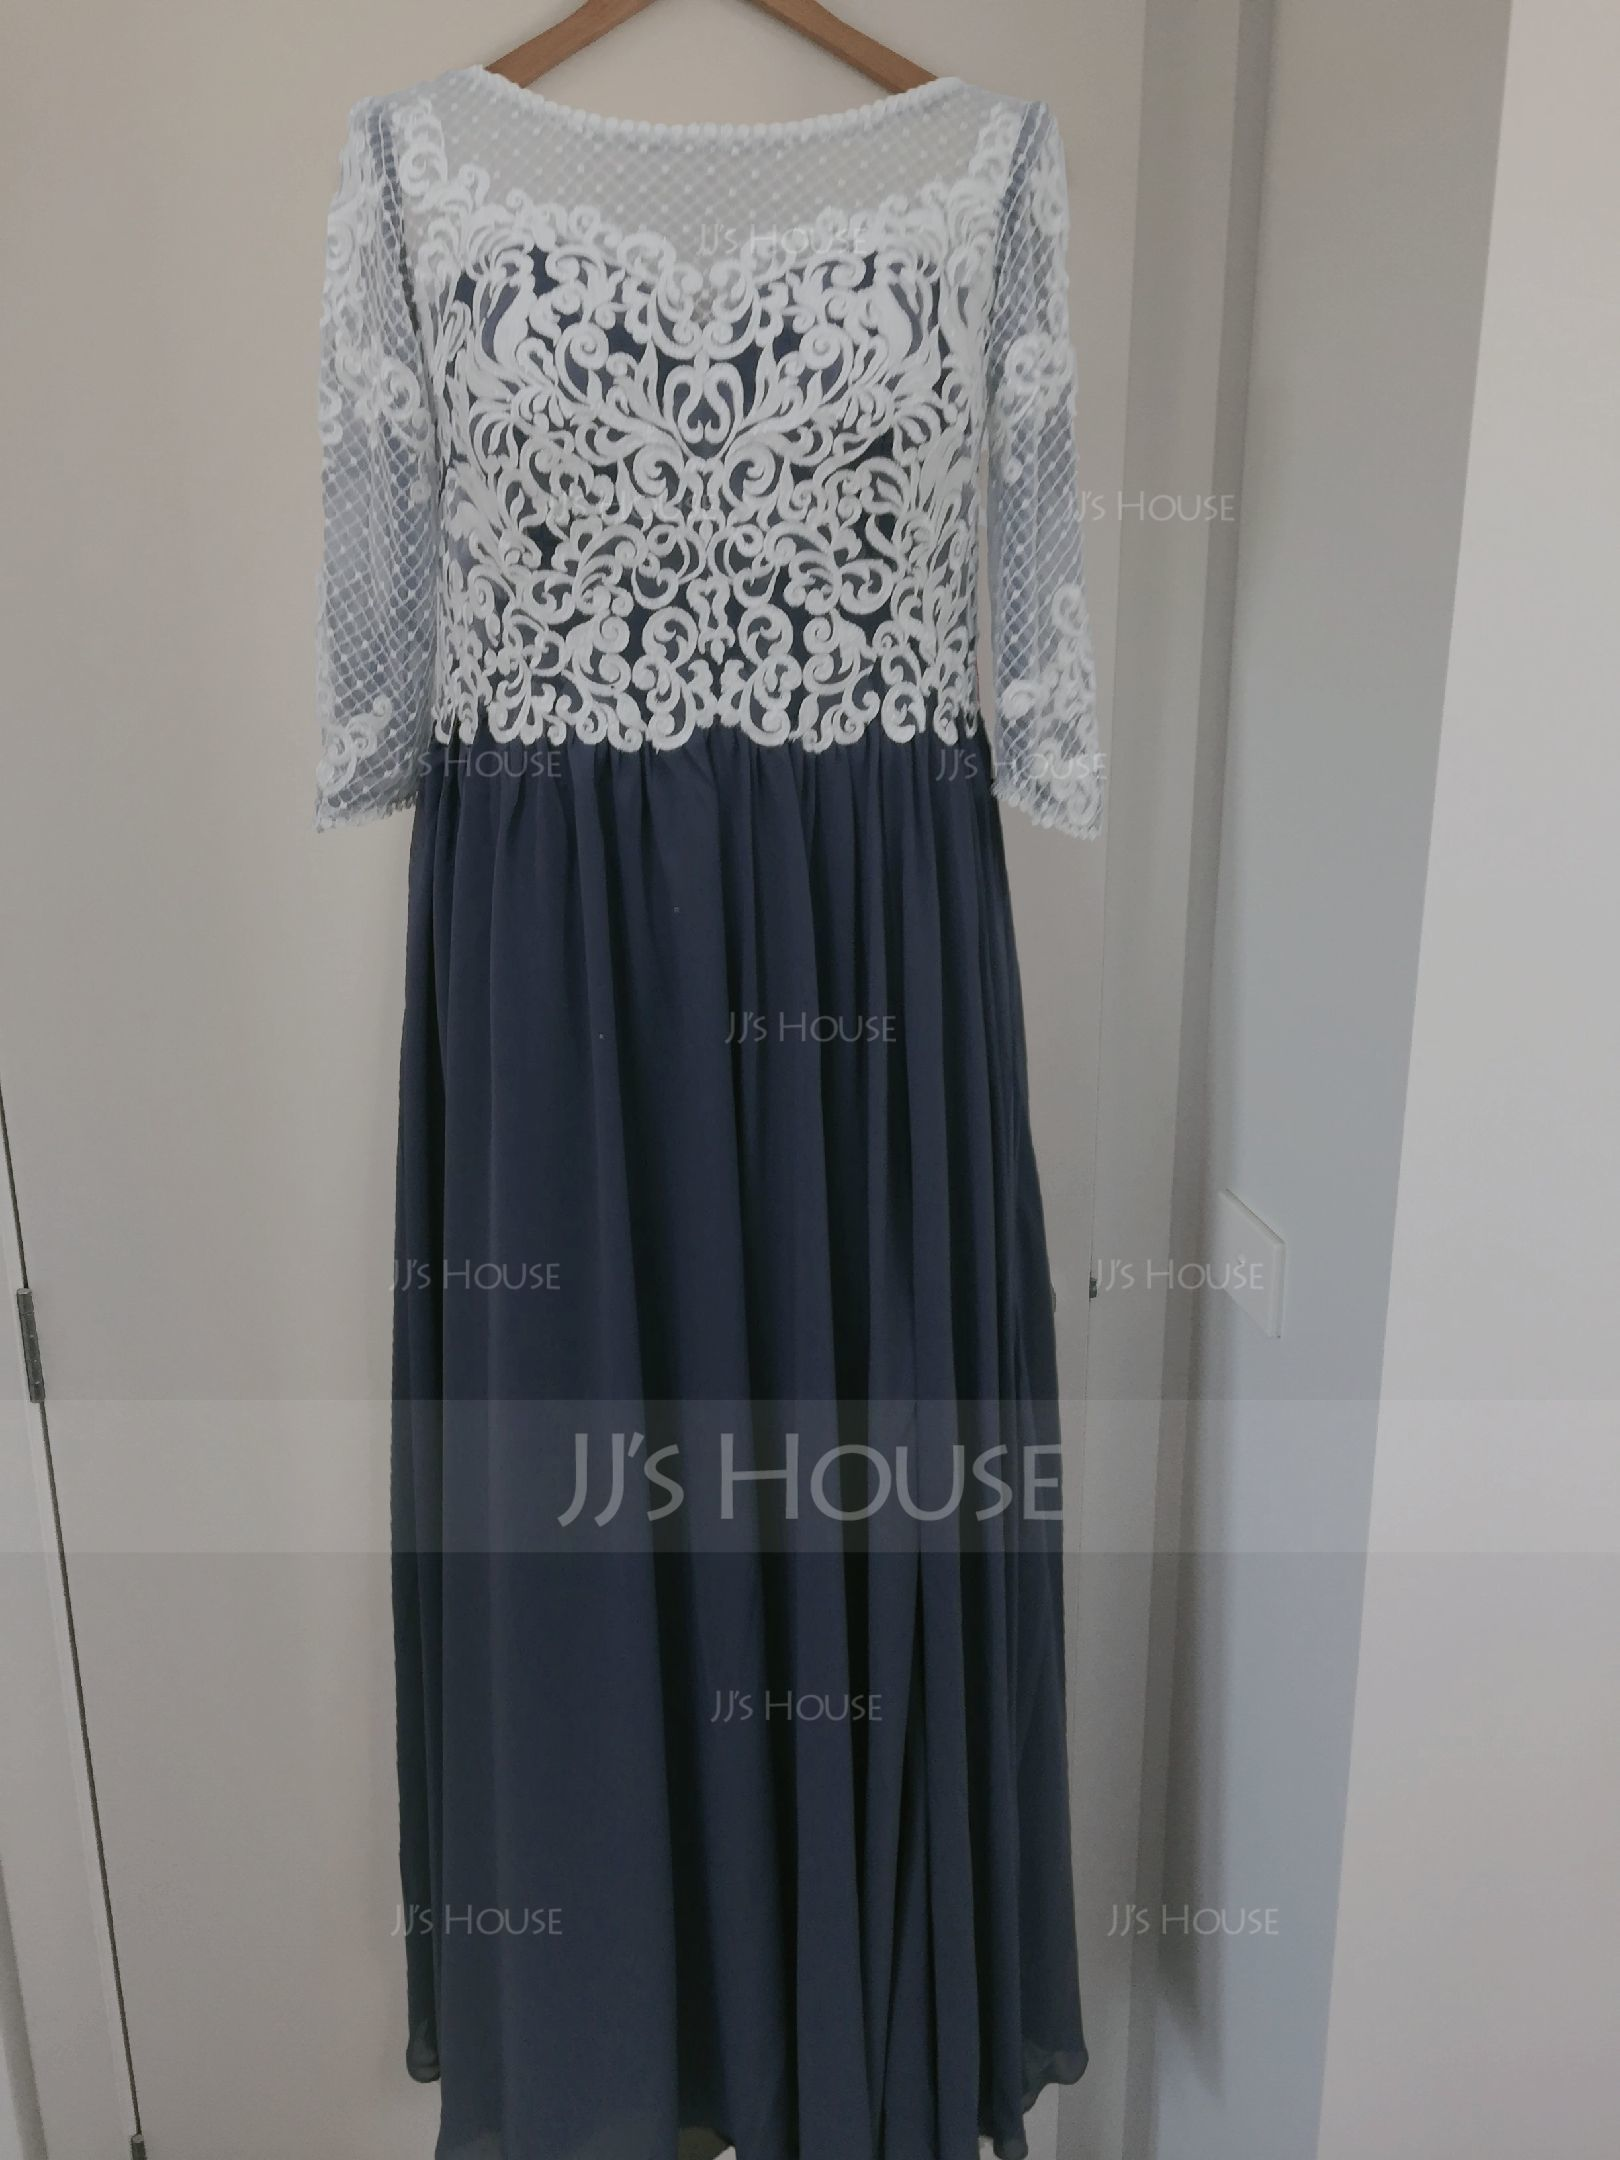 Aライン スクープネック マキシレングス シフォン イブニングドレス とともに スプリットフロント (017209170)